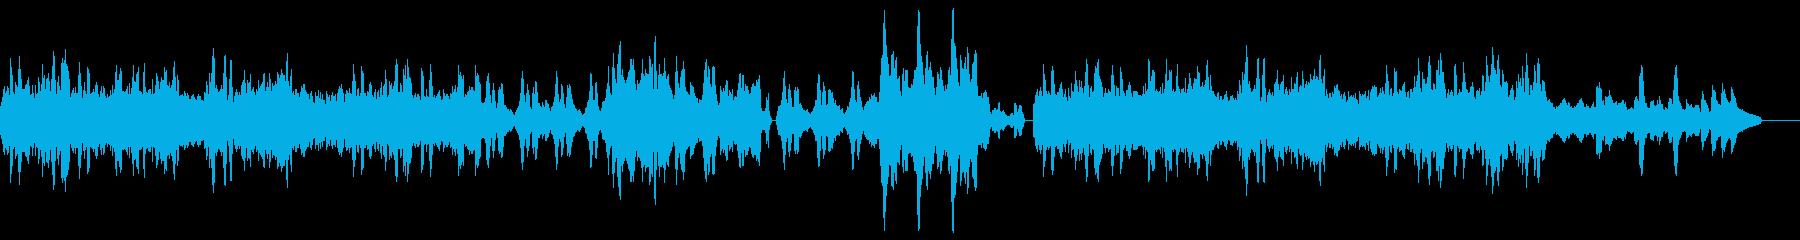 チャイコフスキー四季 1月 炉ばたでの再生済みの波形